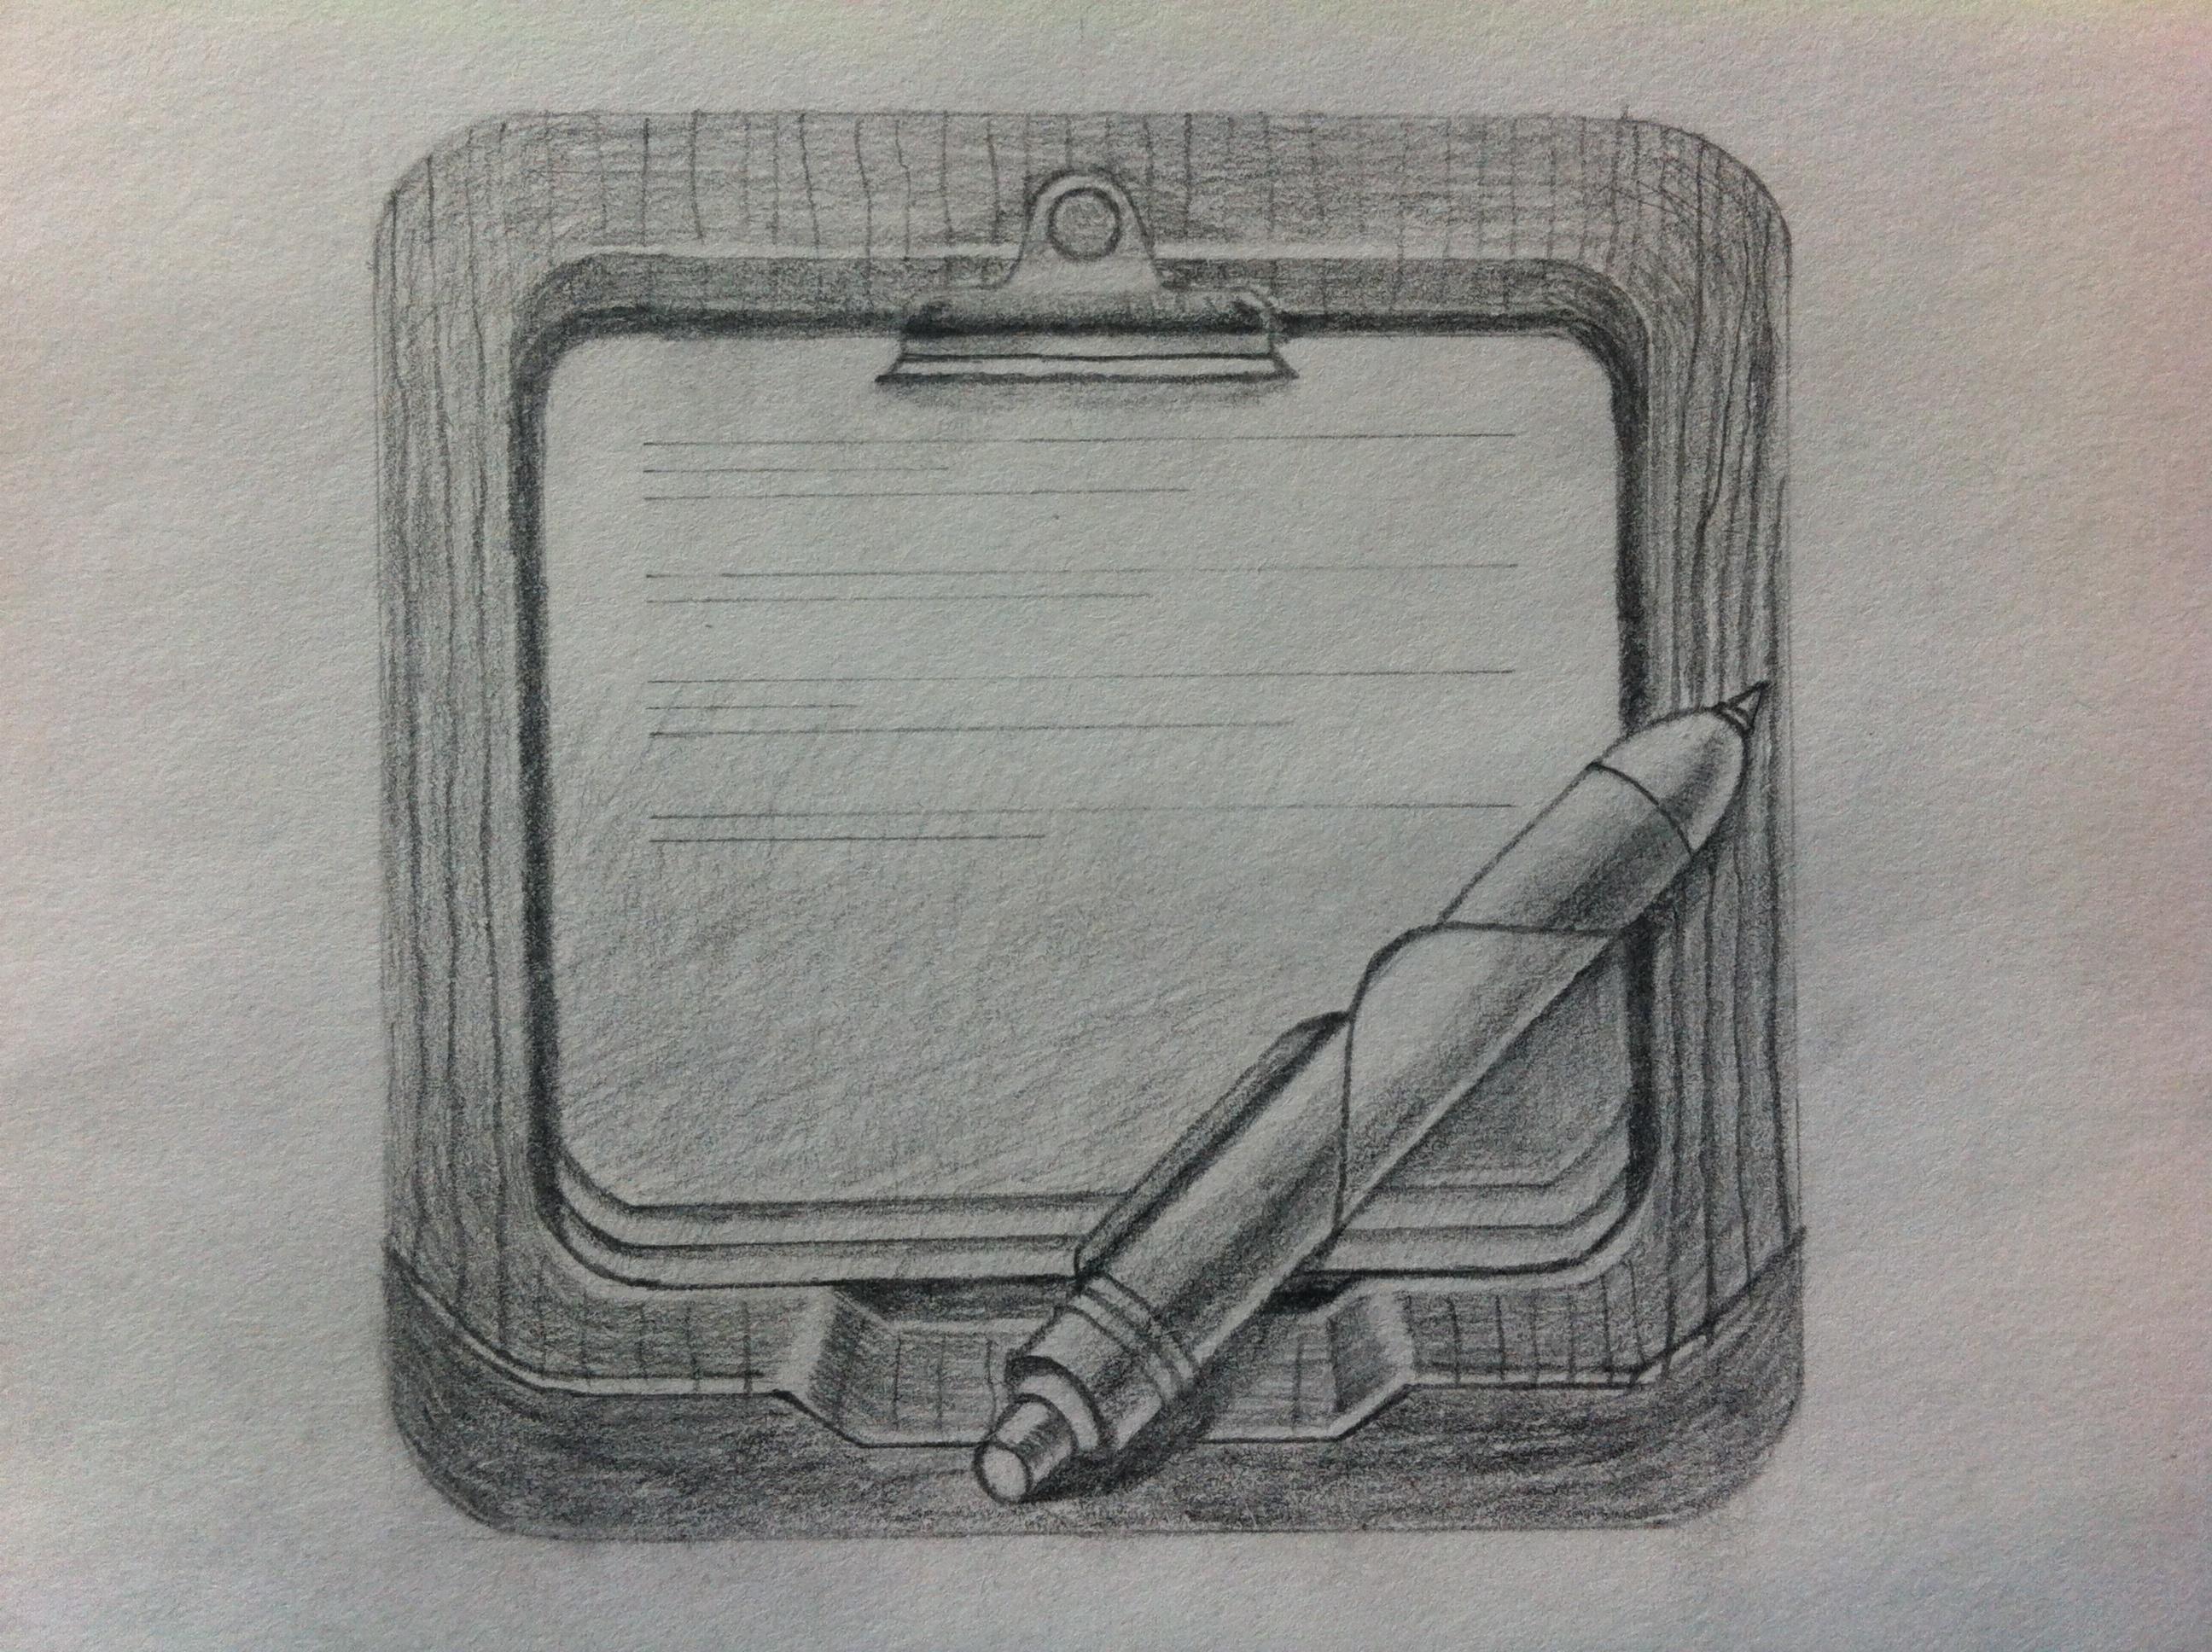 砚台简笔画手绘